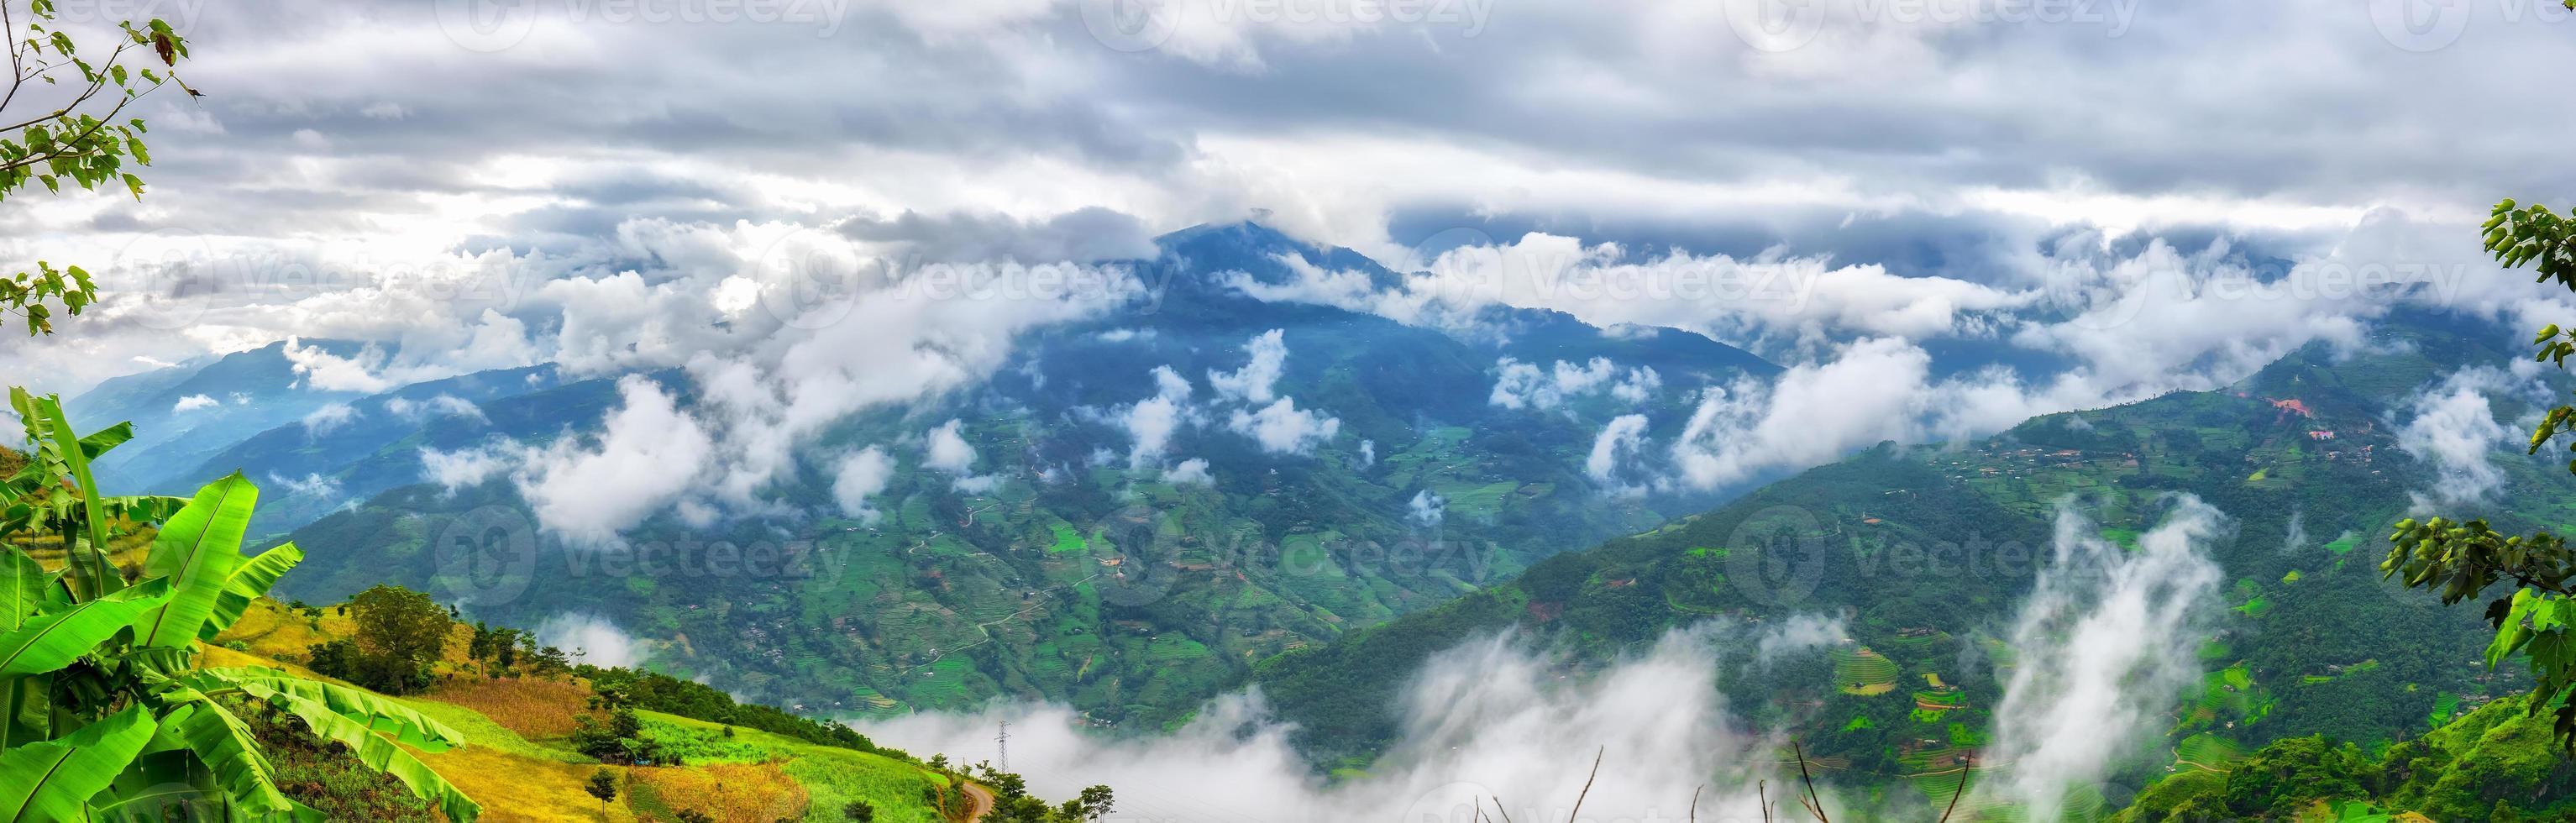 Wolken und Berg Nordwesten Vietnam foto